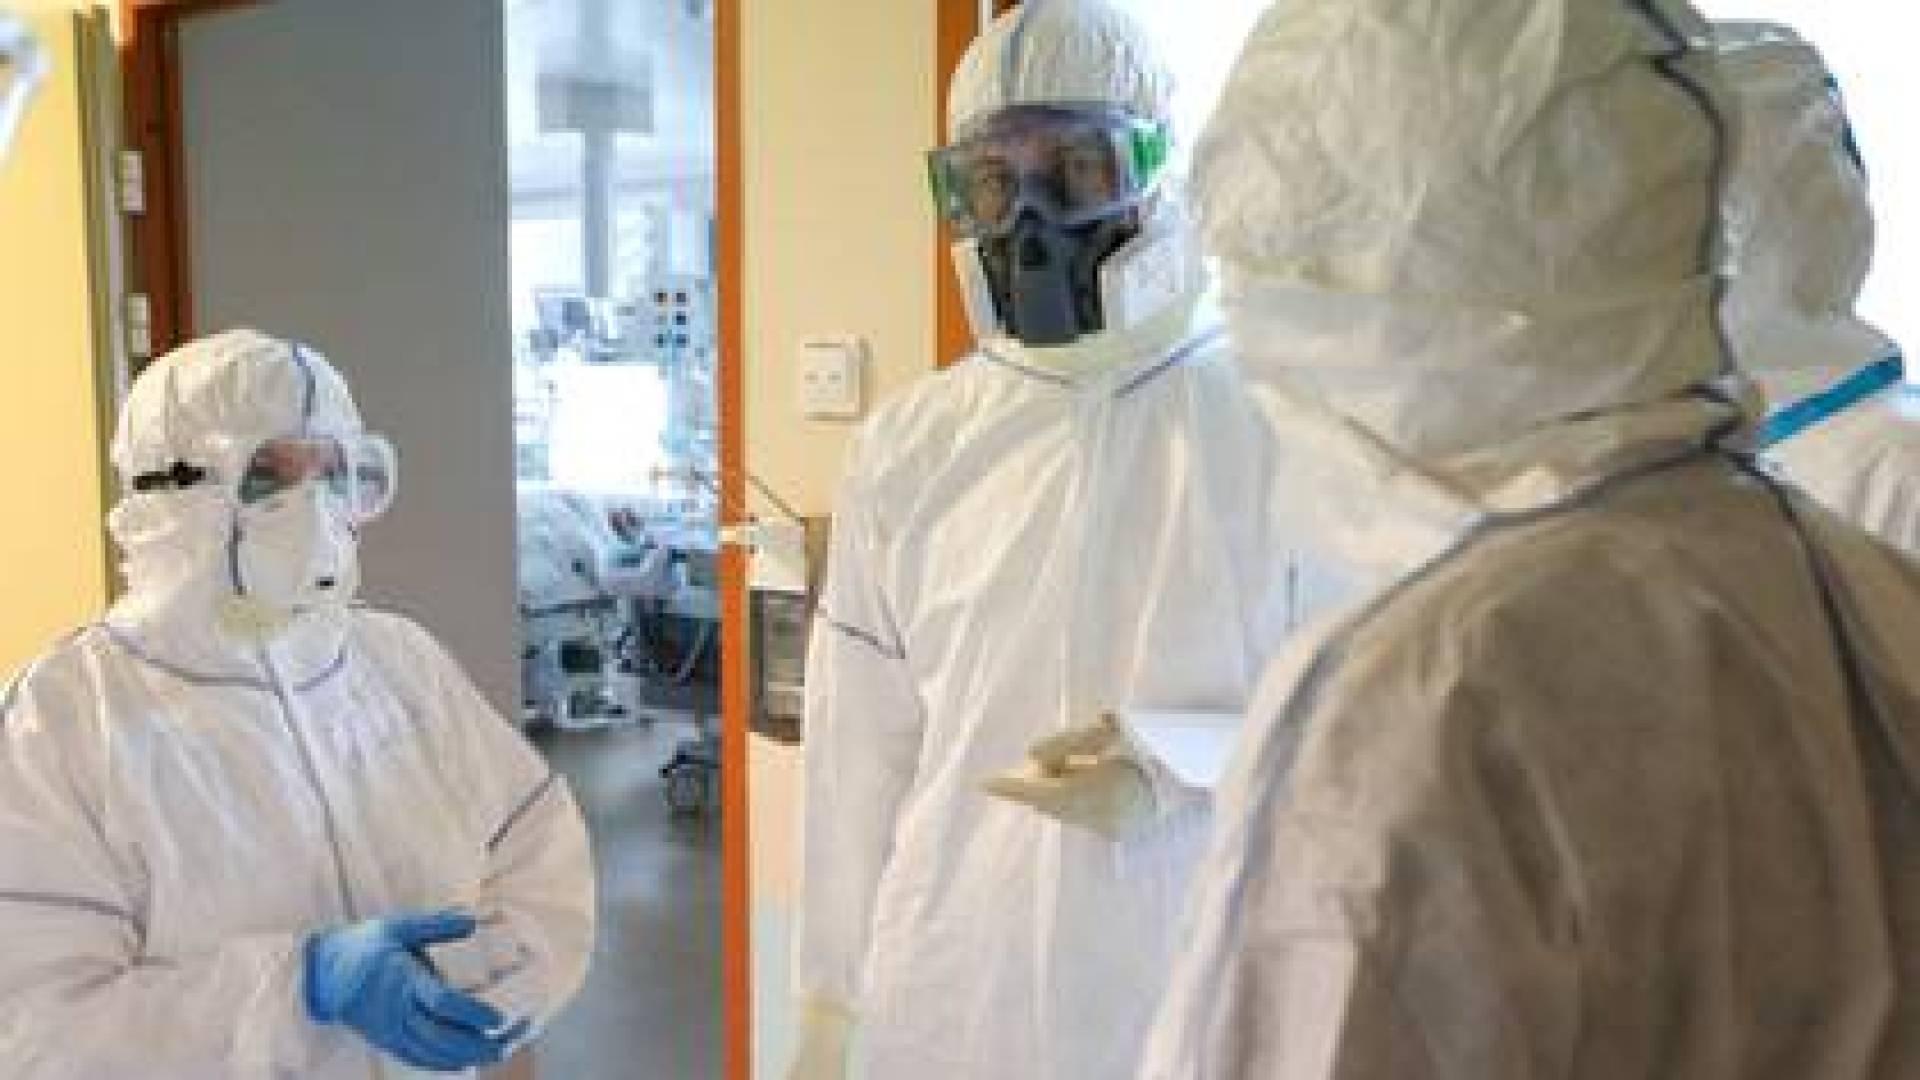 Especialistas médicos hablan en una unidad de cuidados intensivos de la Clínica Universitaria Lomonosov, que ofrece tratamiento a pacientes infectados con coronavirus en Moscú, Rusia, el 20 de mayo de 2020. (Andrei Nikerichev/Agencia de Noticias de Moscú/Handout via REUTERS)